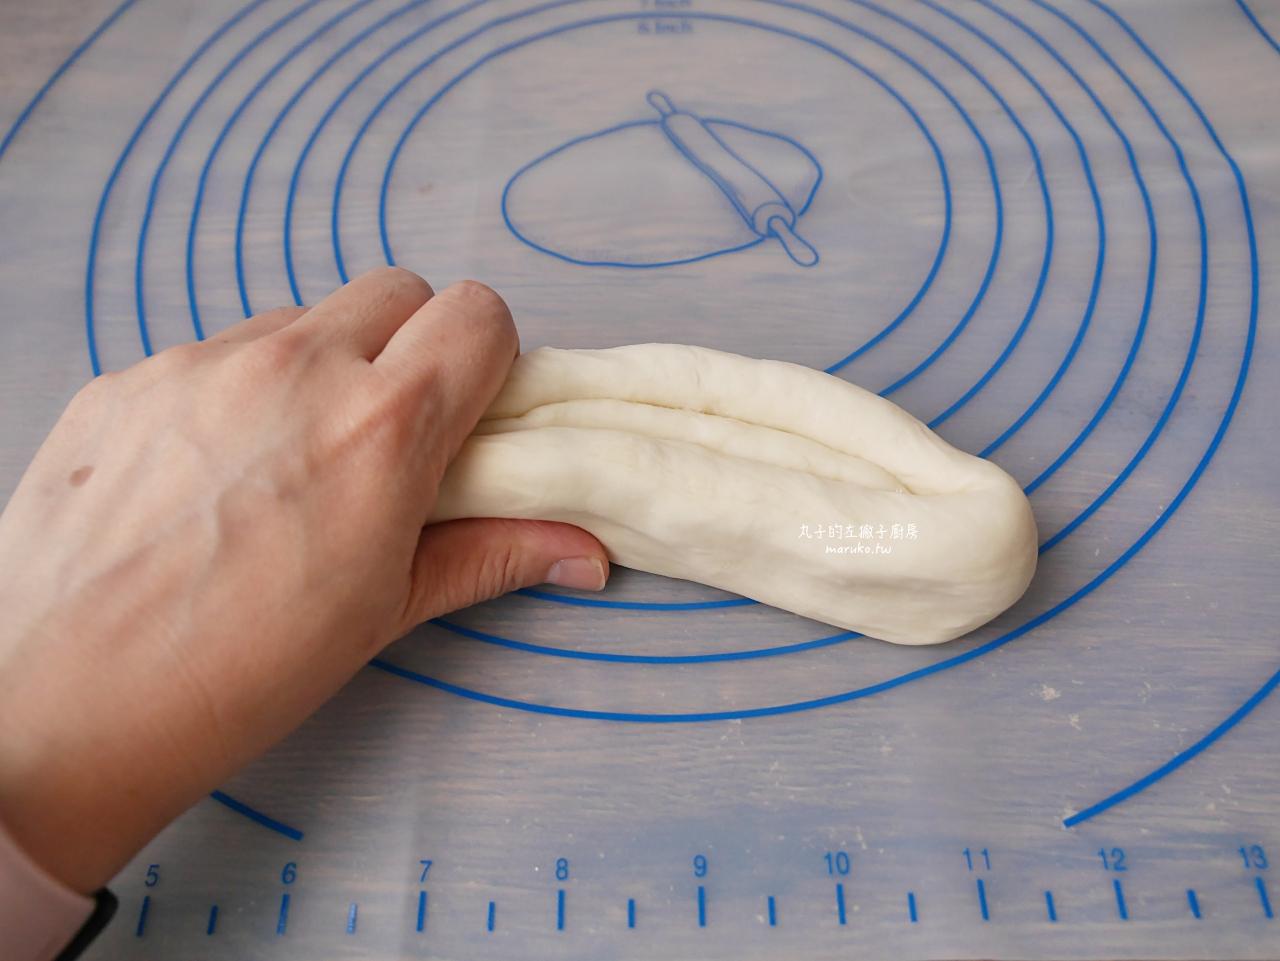 【食譜】中式刈包 不需要攪拌機 米奇造型刈包簡易做法 美膳雅蒸鮮鍋推薦 @Maruko與美食有個約會